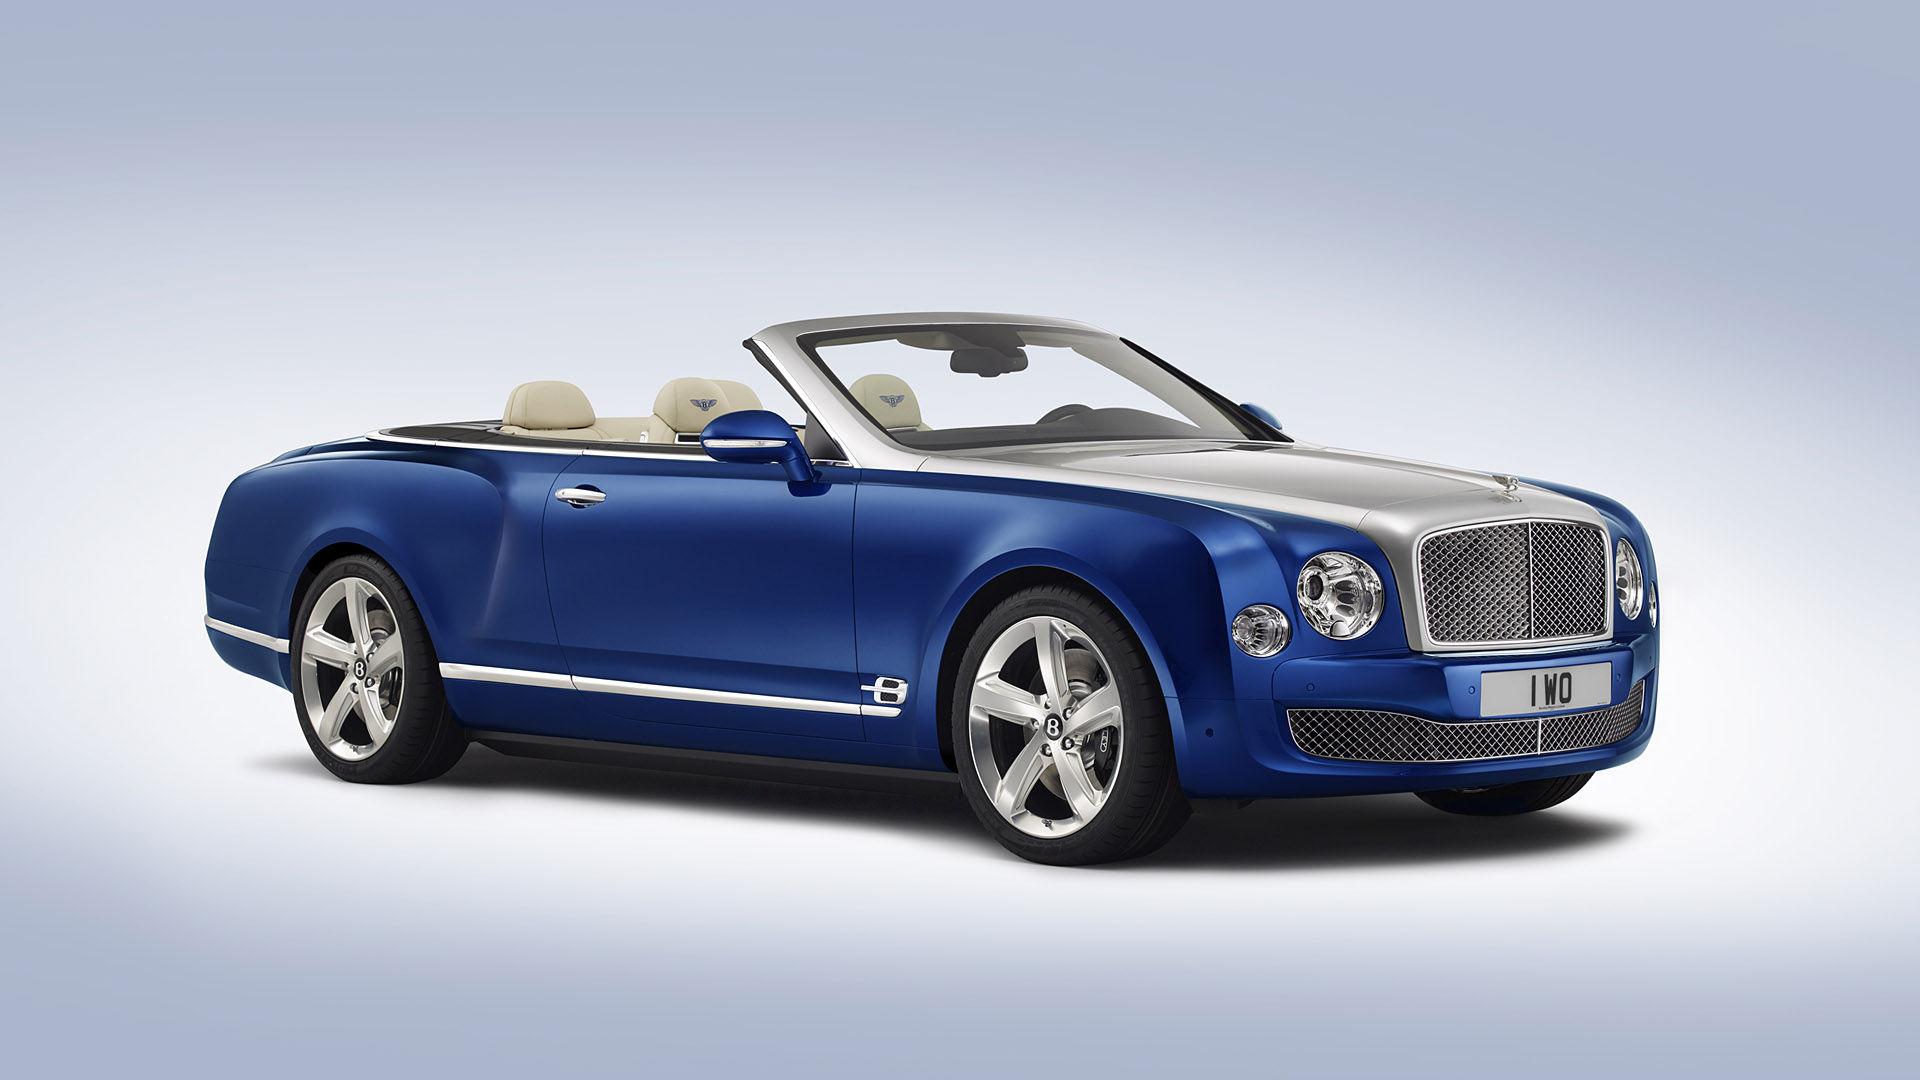 2014 Bentley Grand Convertible Concept